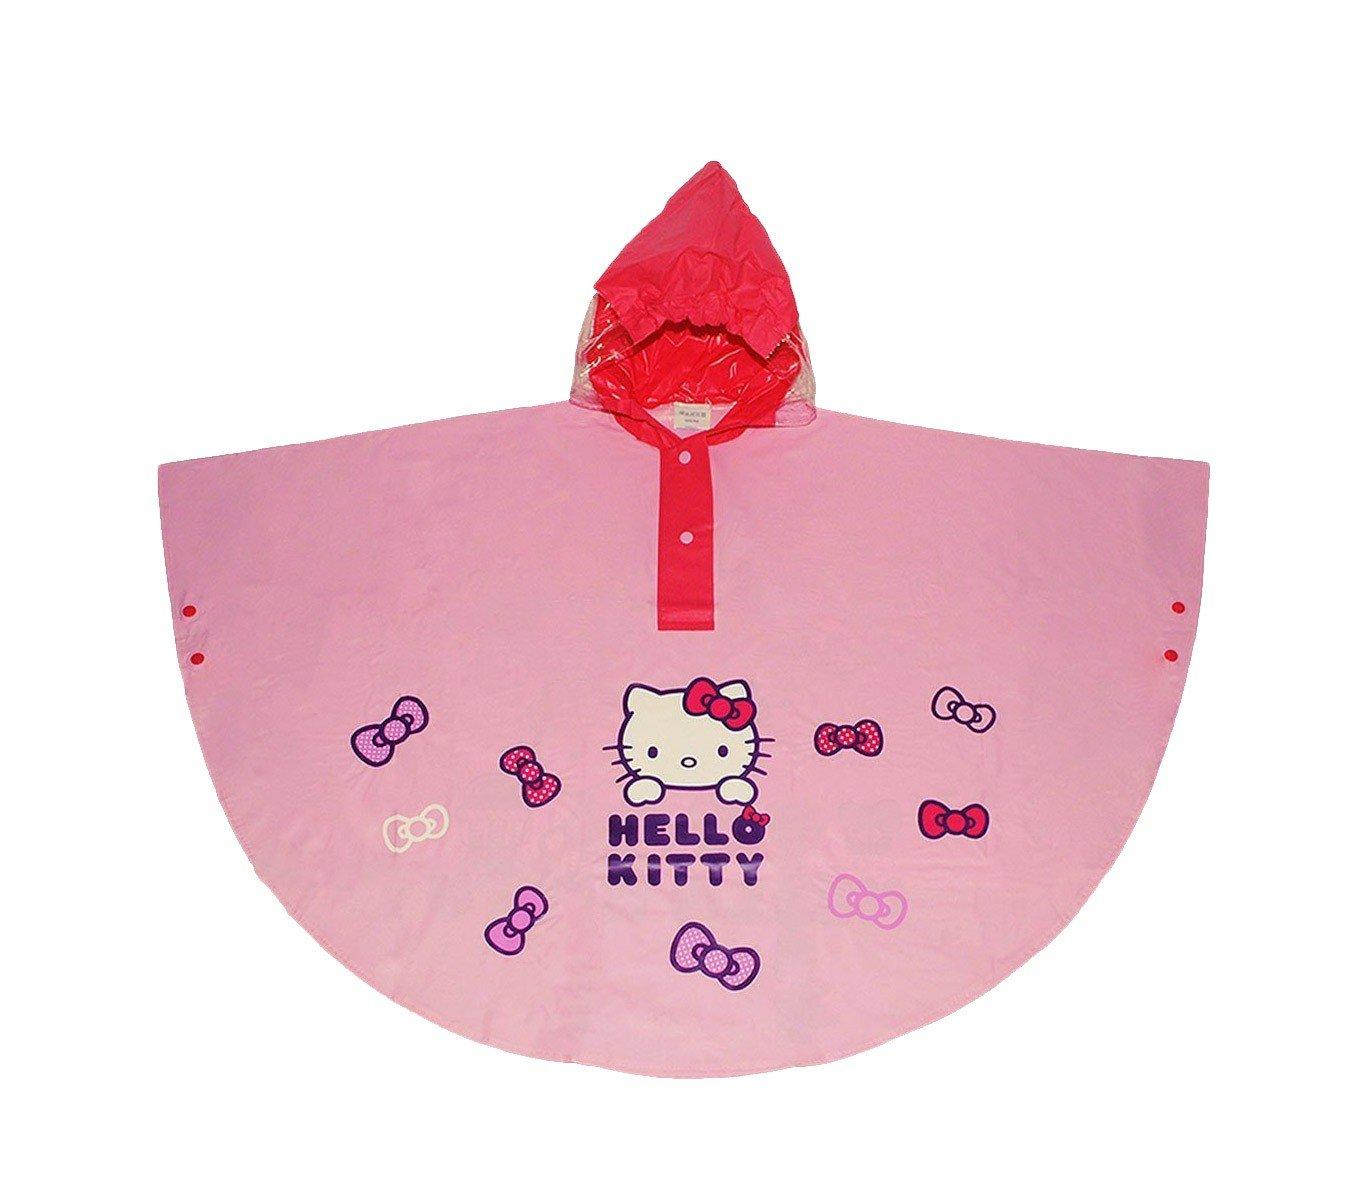 MEDIA WAVE store HK811 Poncho Impermeabile per Bambine di Hello Kitty con Cappuccio da 2 a 6 Anni (Rosa, 6 Anni)